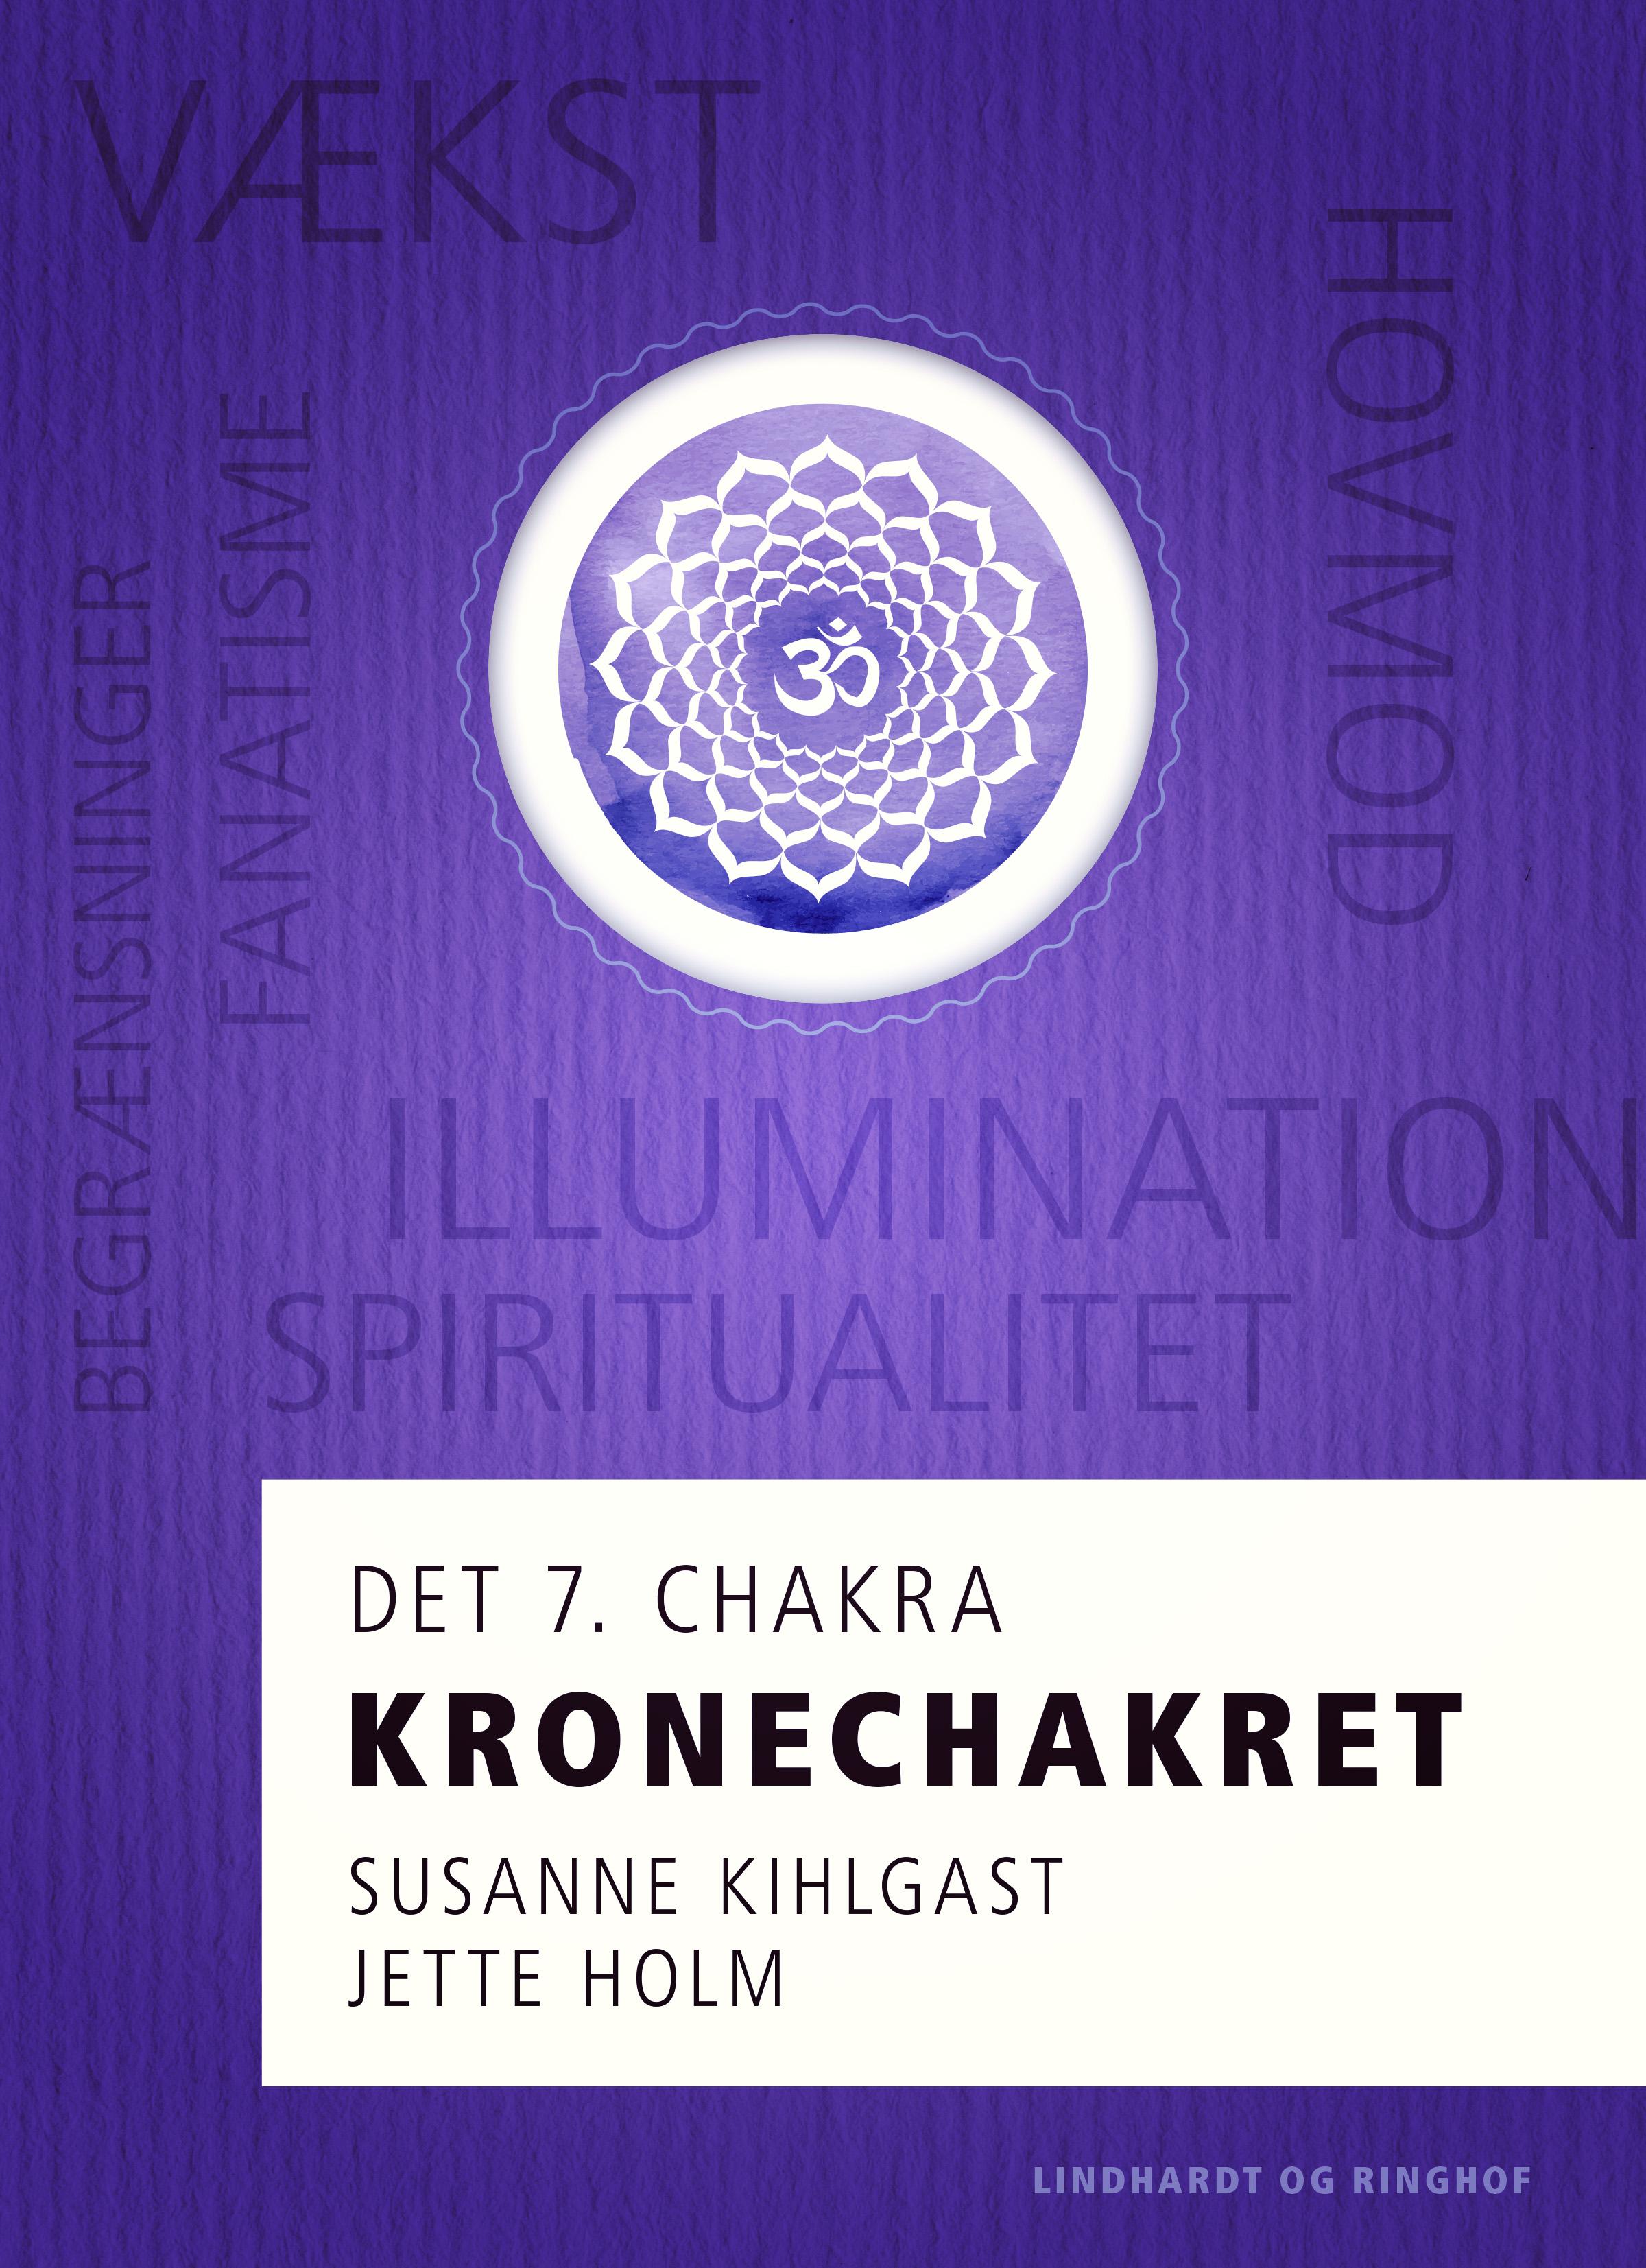 Kronechakret - det 7. chakra - E-bog